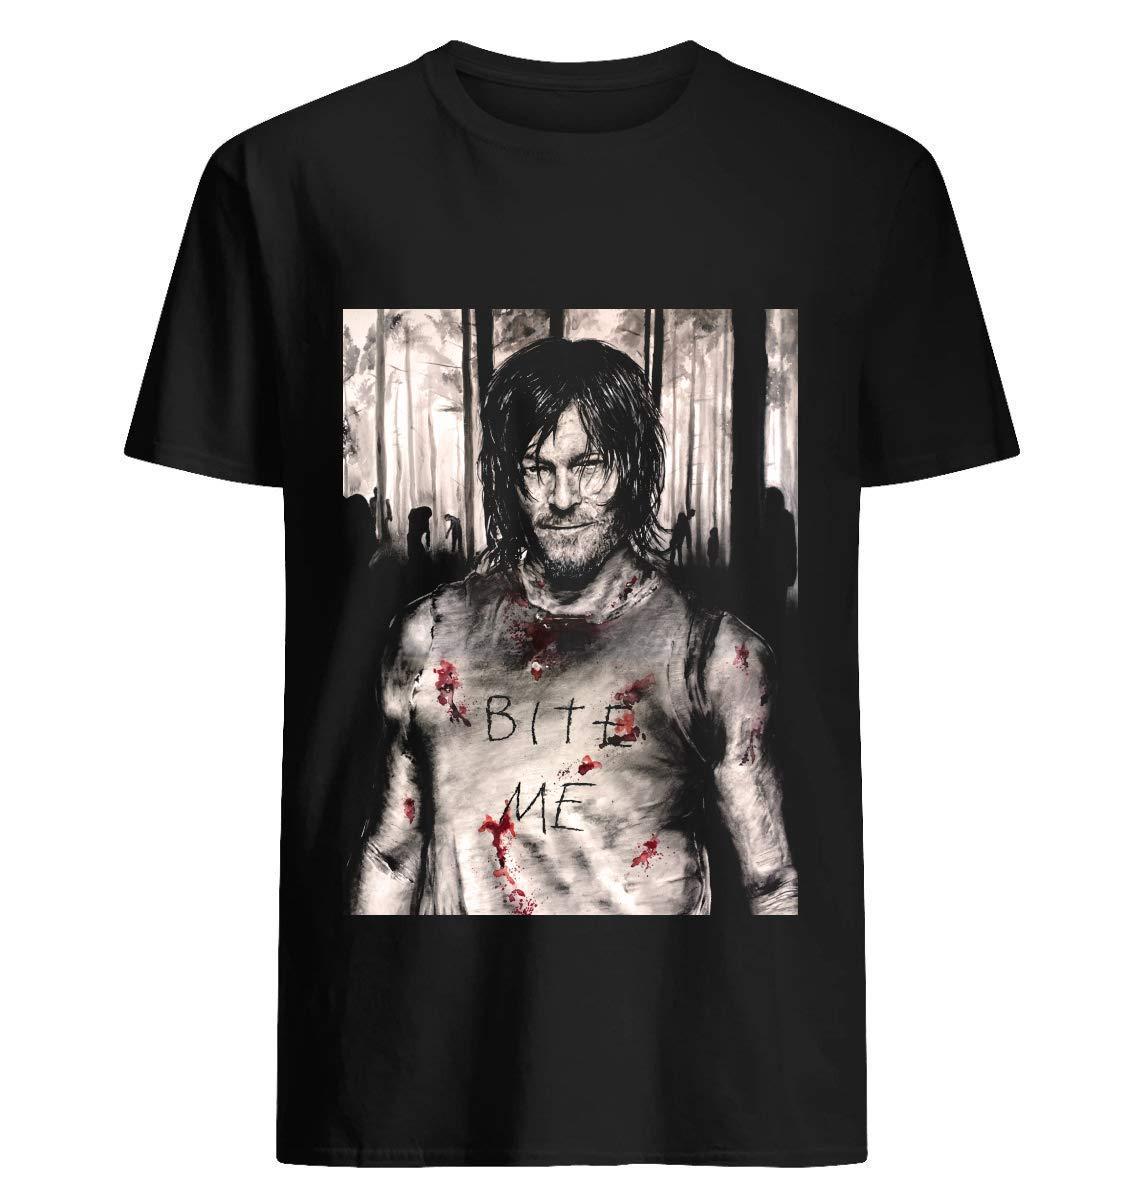 Bite Me T Shirt 57 T Shirt For Unisex